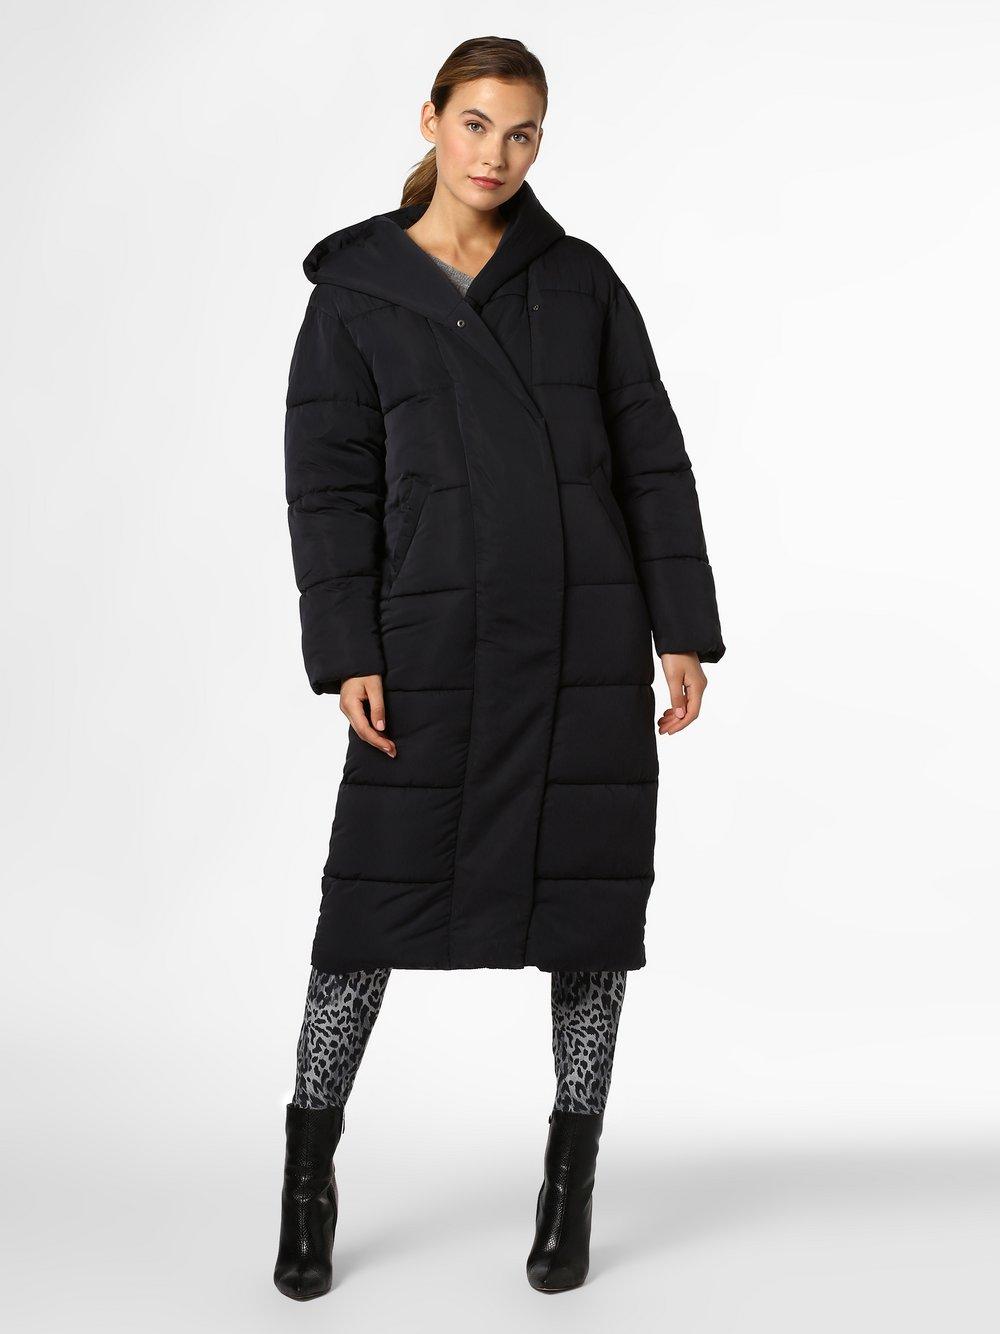 Review - Damski płaszcz pikowany, czarny